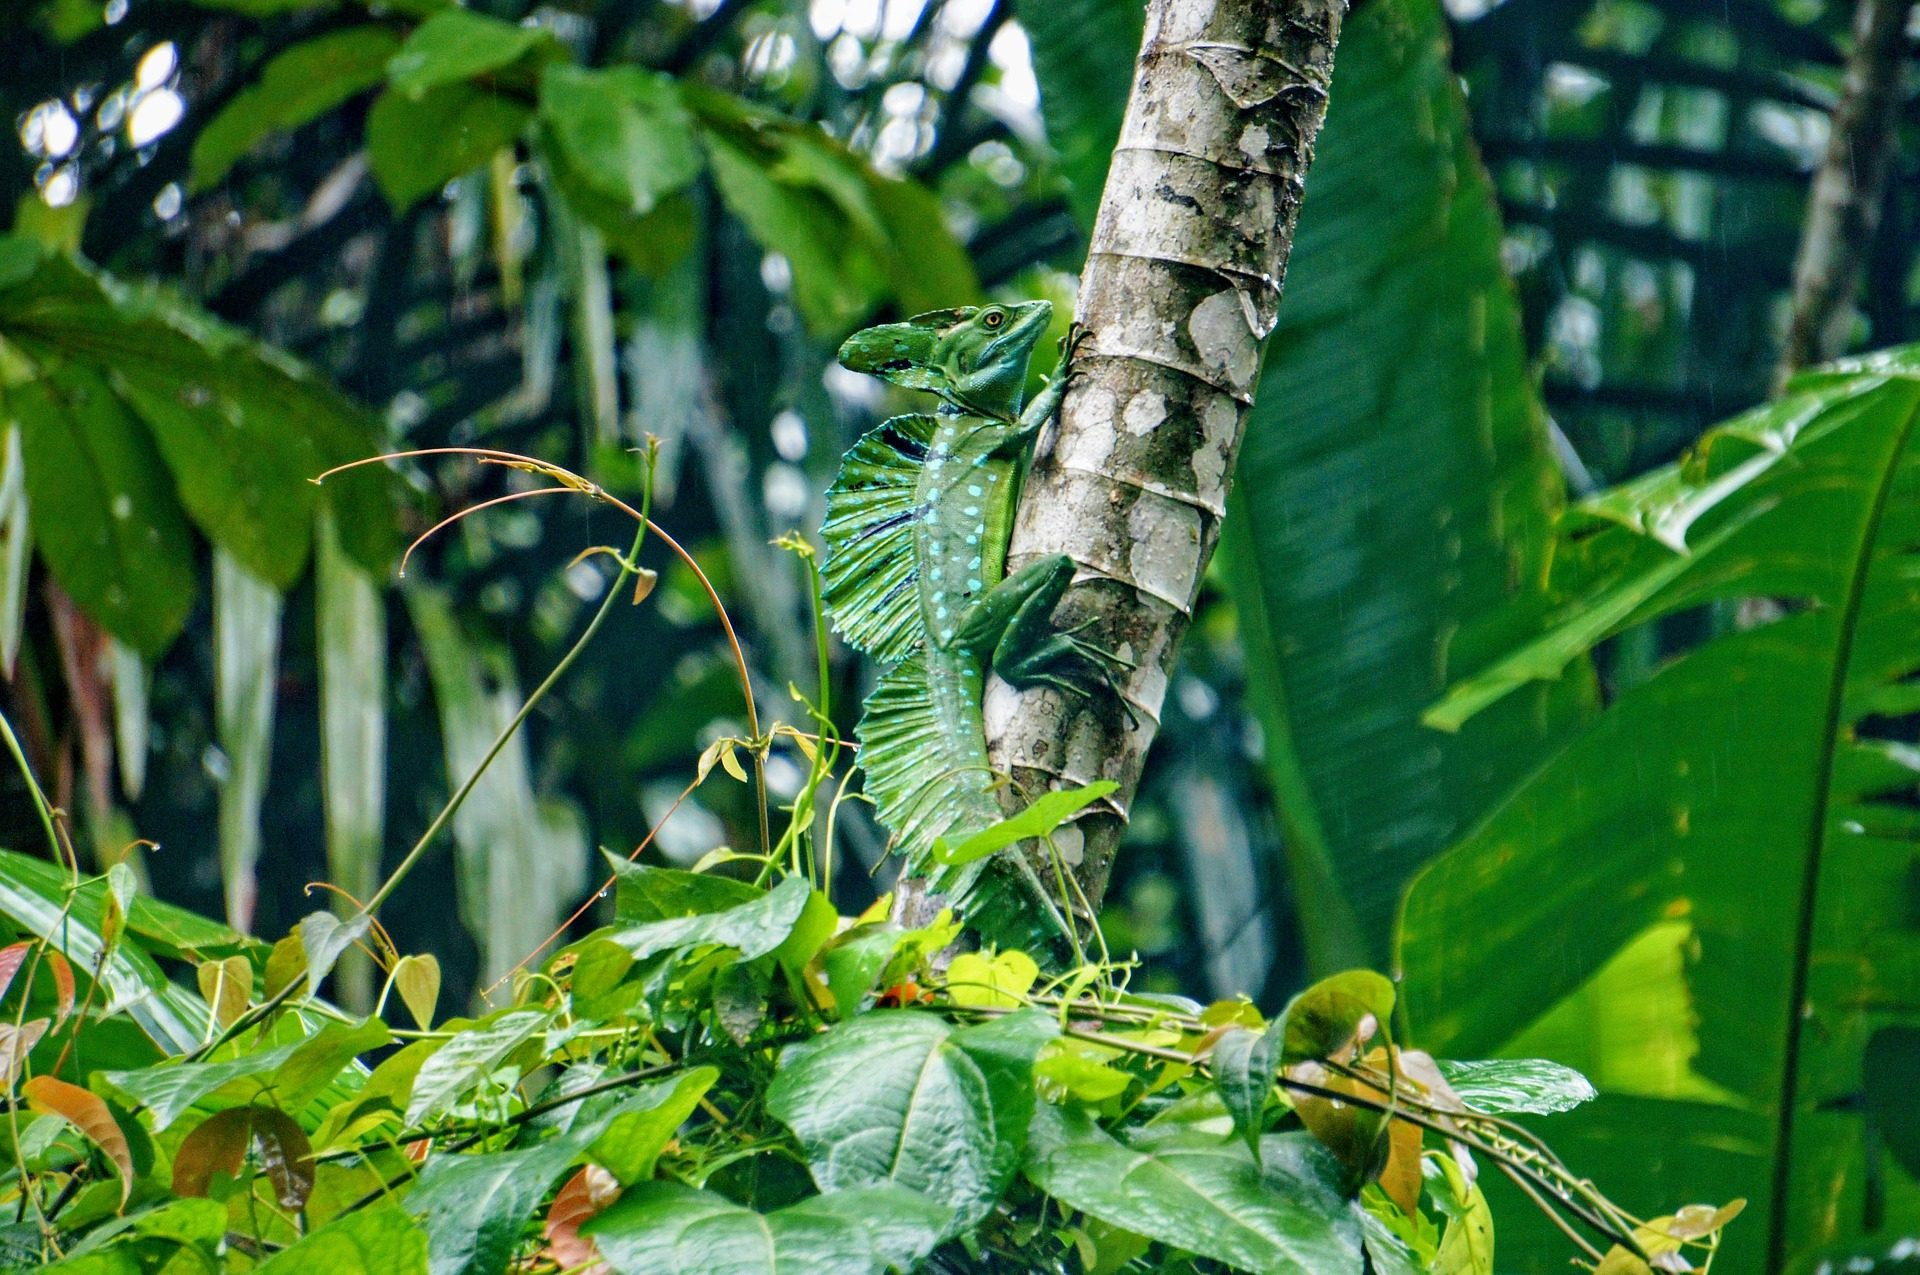 hagedis regenwoud costa rica